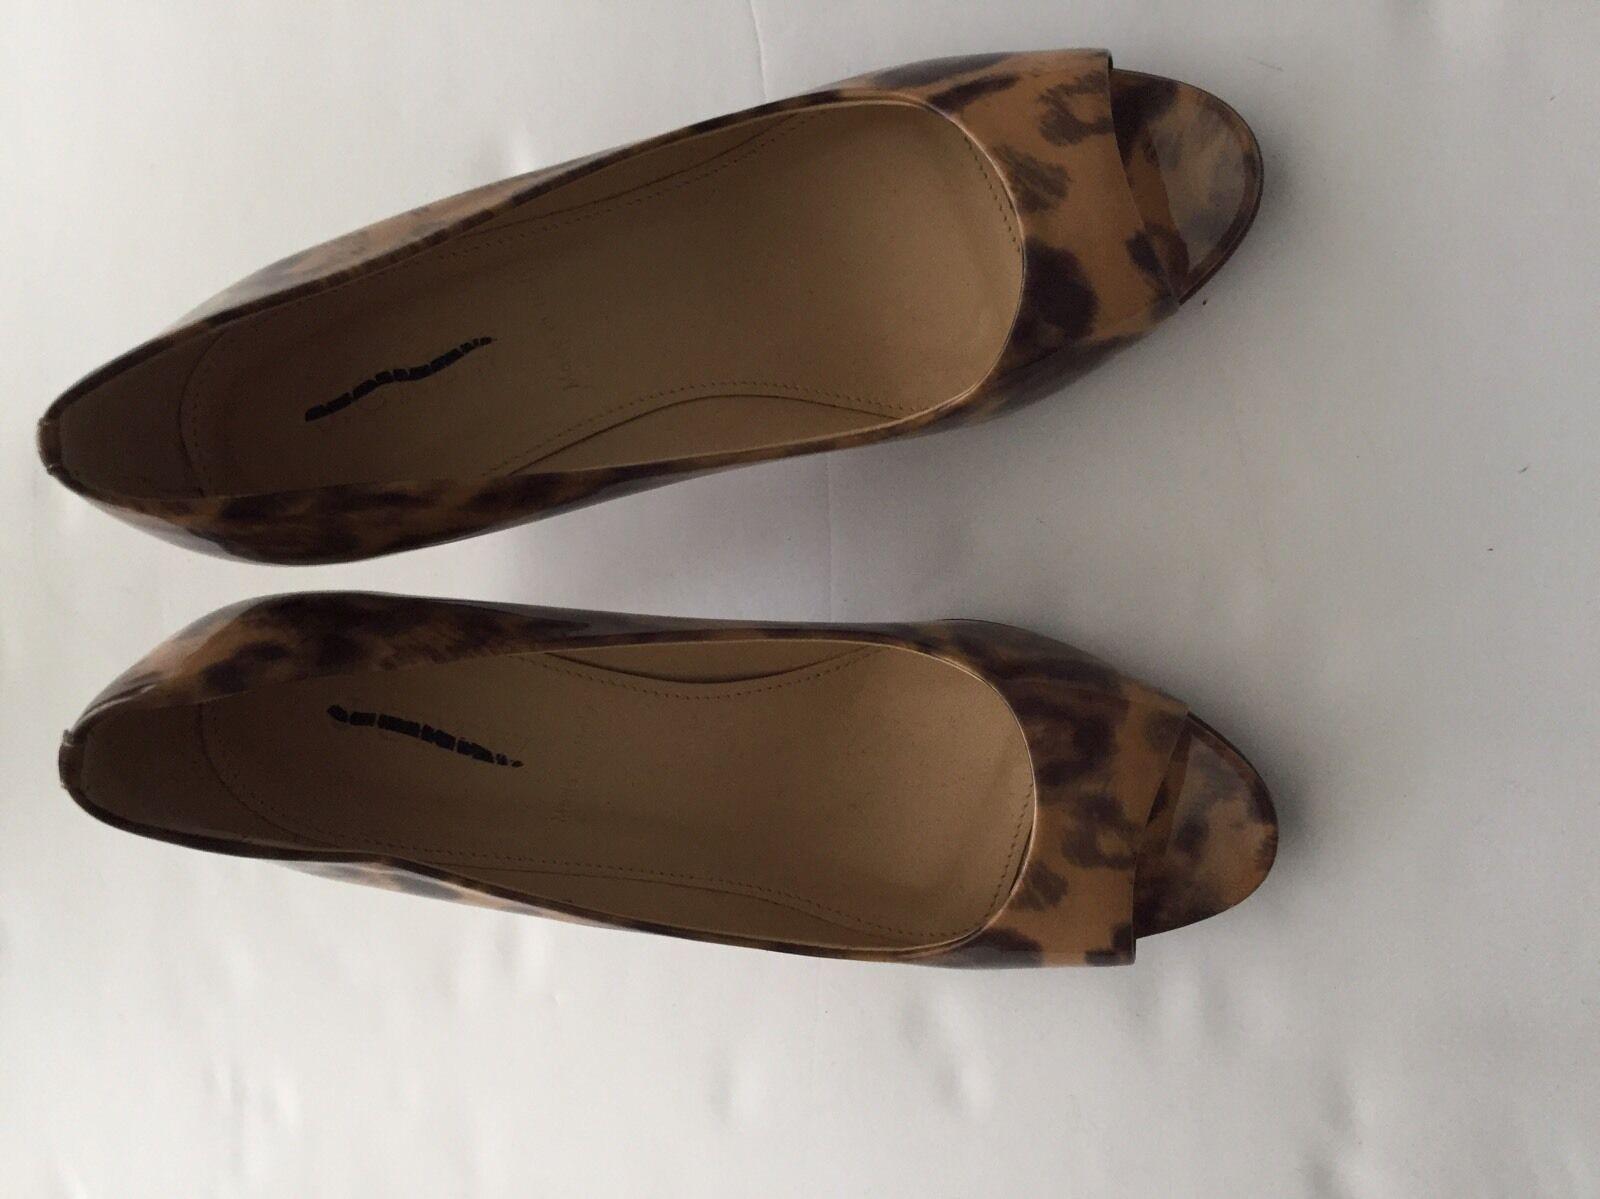 JCREW JCREW JCREW Leopard Peep Toe Sandals Heels Size 5.5 895592